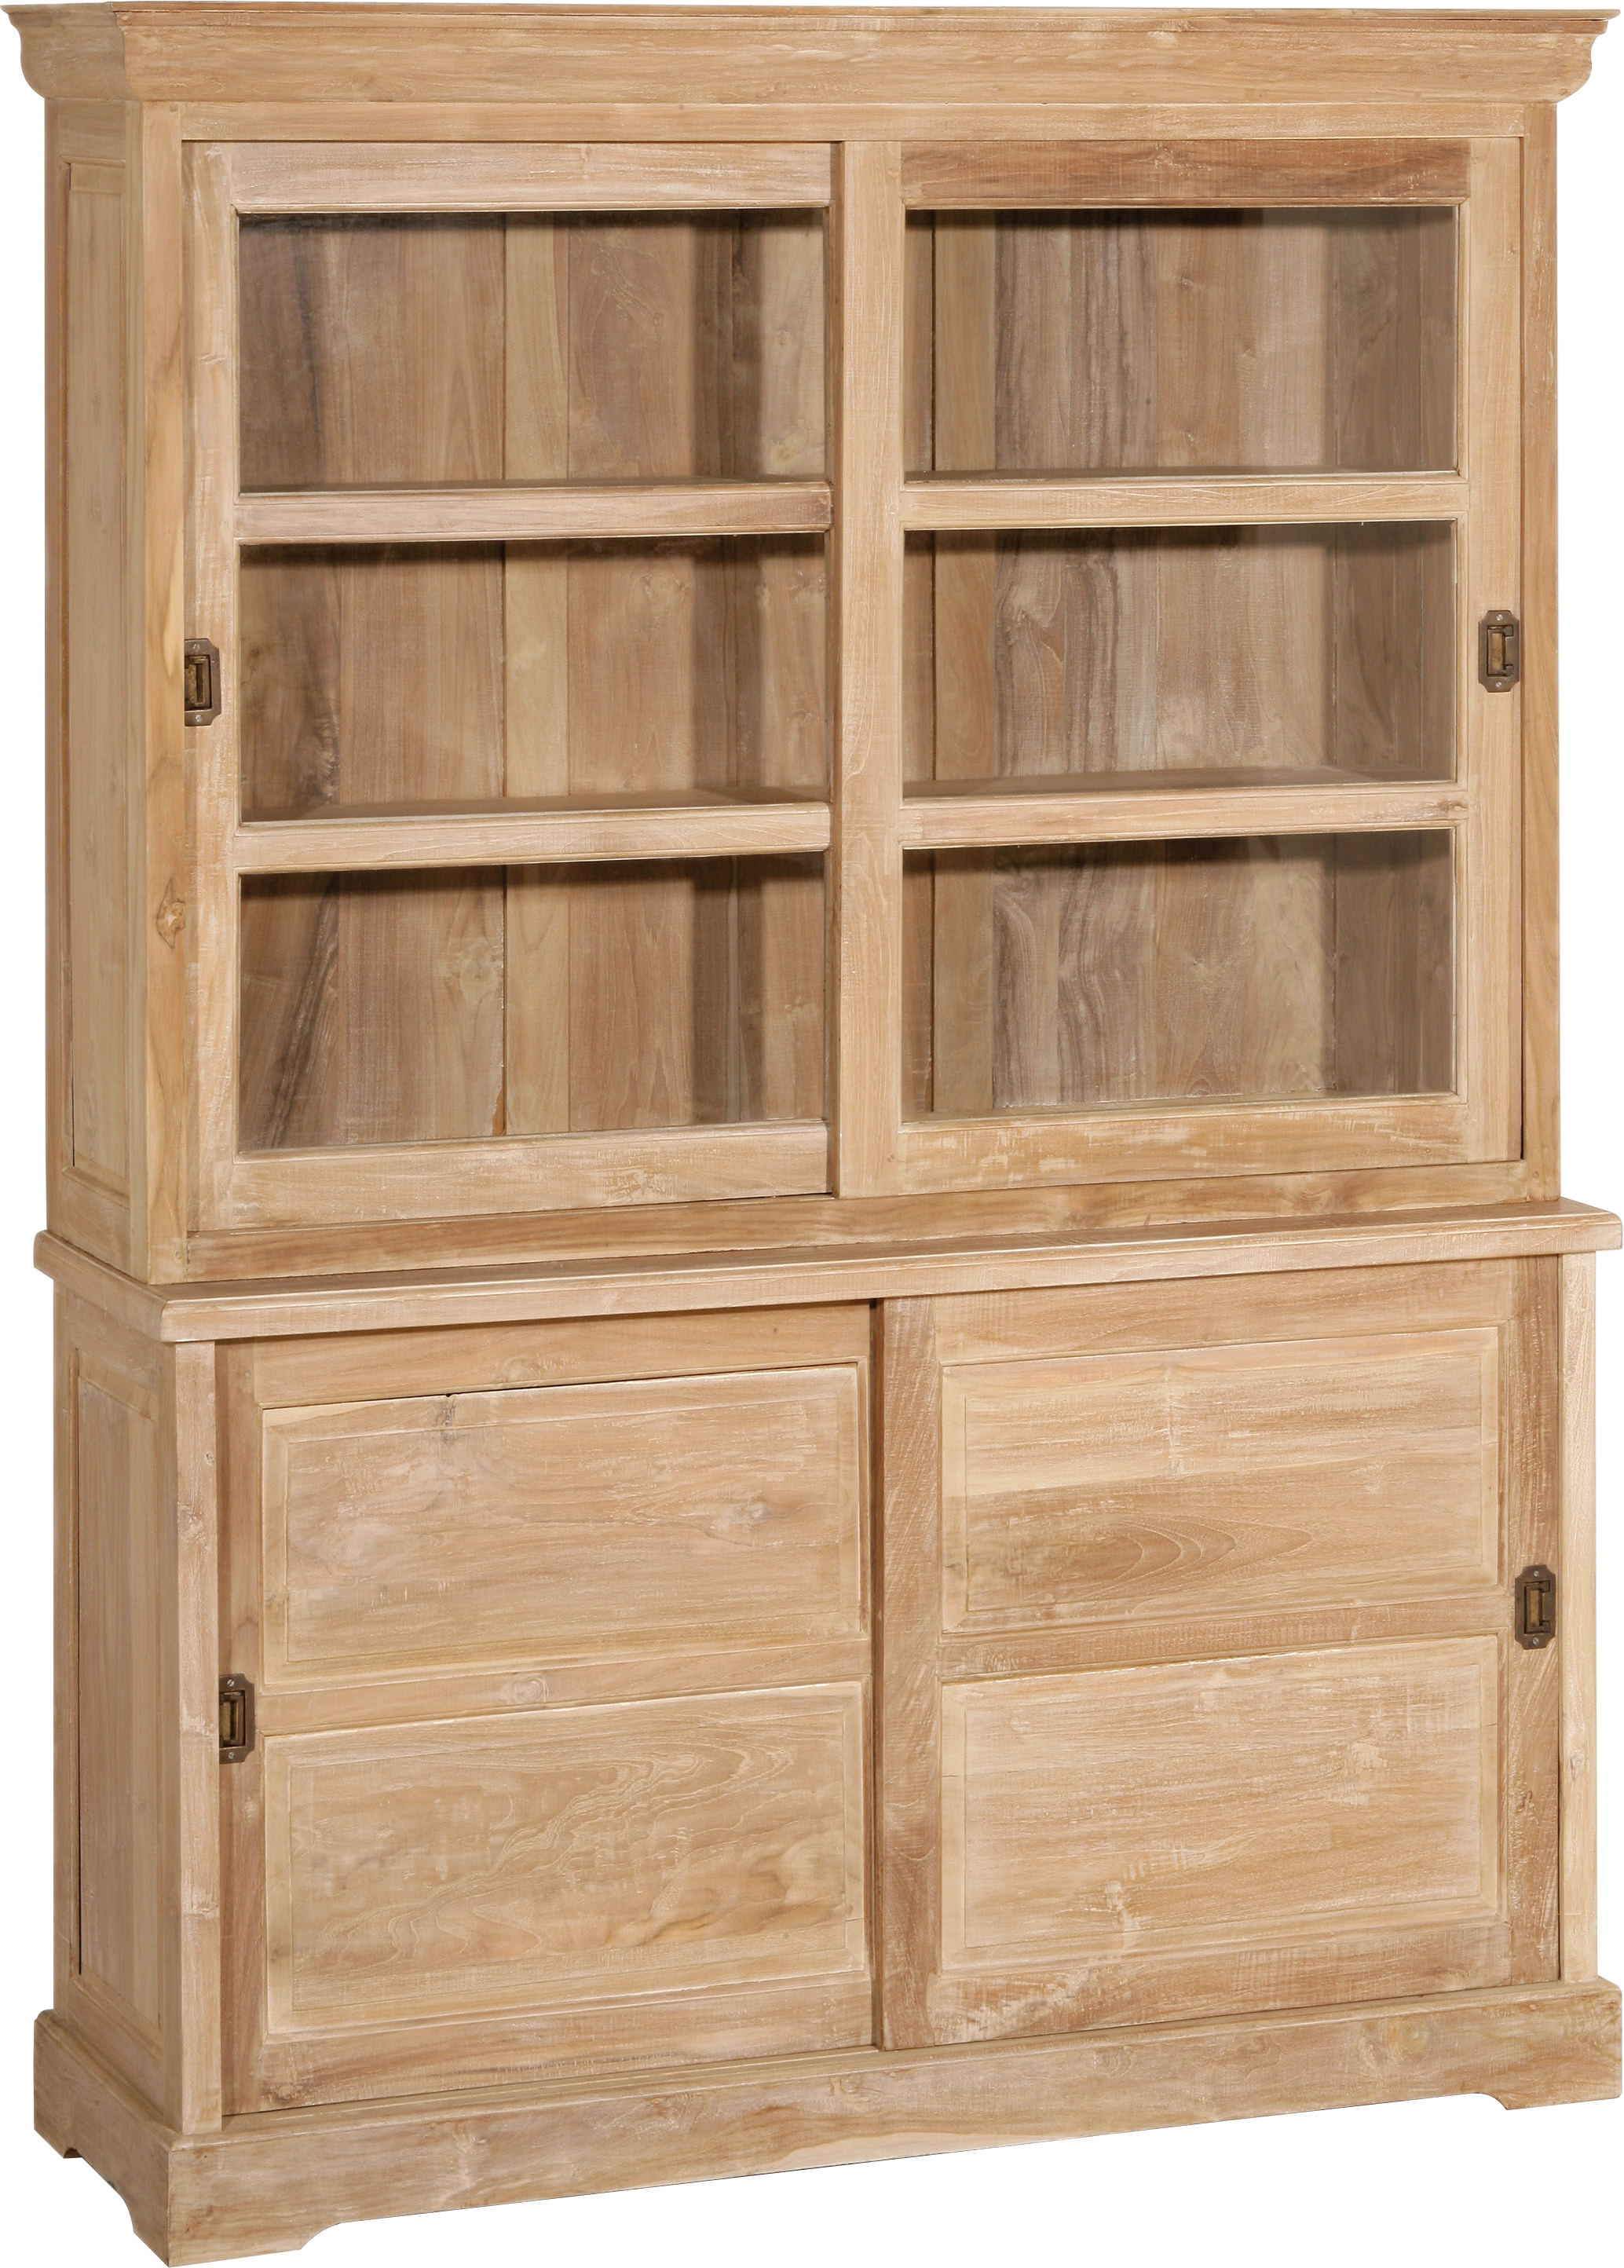 buffet 2 corps comparez les produits et les prix avec le guide d 39 achat kibodio. Black Bedroom Furniture Sets. Home Design Ideas